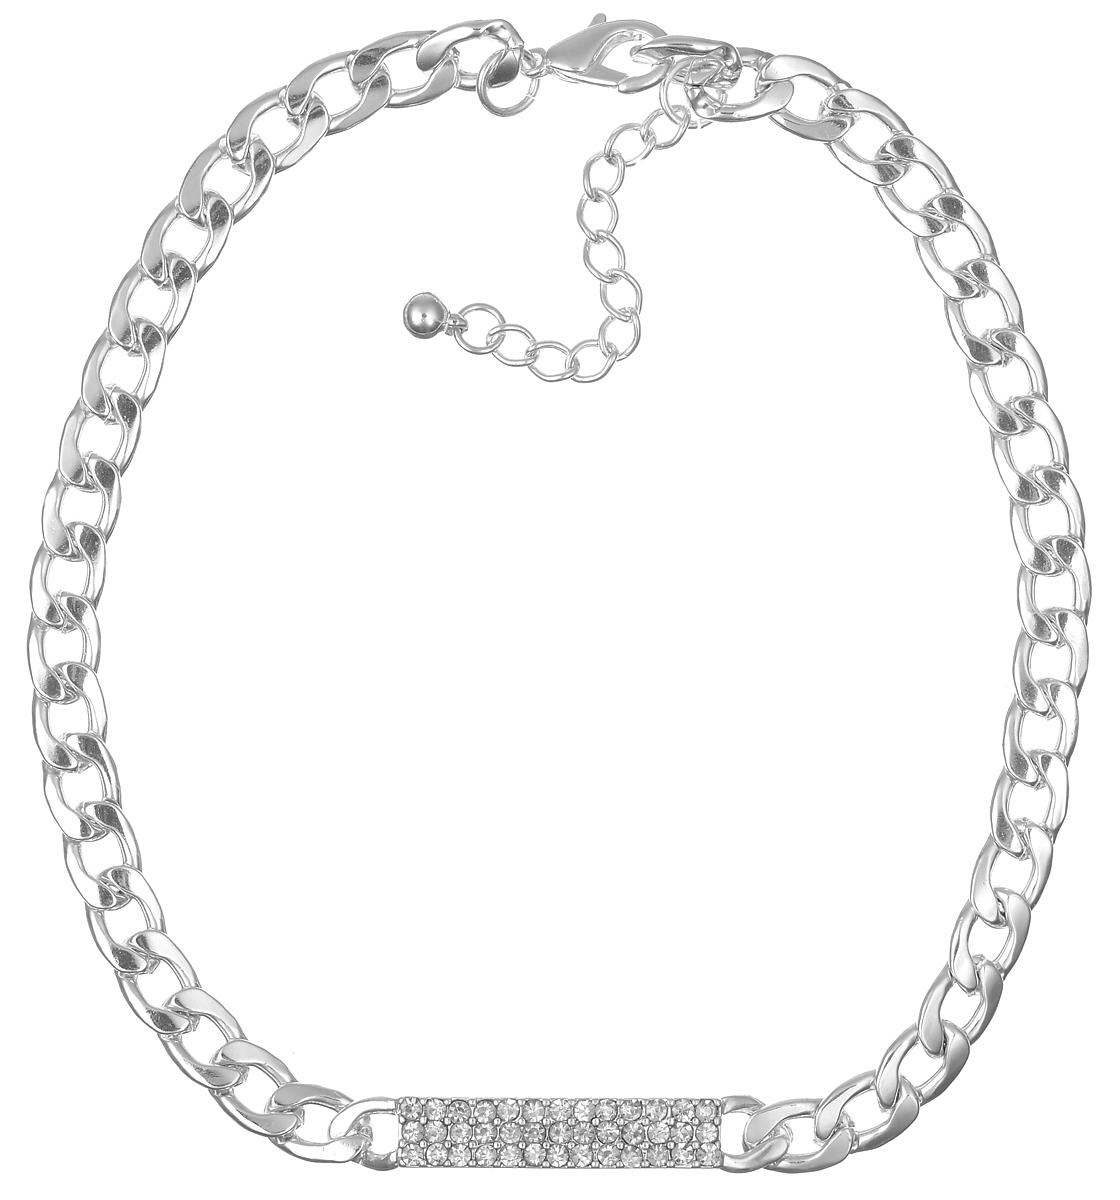 Колье Taya, цвет: серебристый. T-B-5630Ожерелье (короткие многоярусные бусы)Элегантное колье Taya выполнено из бижутерийного сплава в виде широкой цепочки. Центральная часть колье дополнена декоративным прямоугольным элементом, который оформлен стразами из стекла.Колье застегивается на практичный замок-карабин, длина изделия регулируется за счет дополнительных звеньев.Колье Taya выгодно подчеркнет изящество, женственность и красоту своей обладательницы.